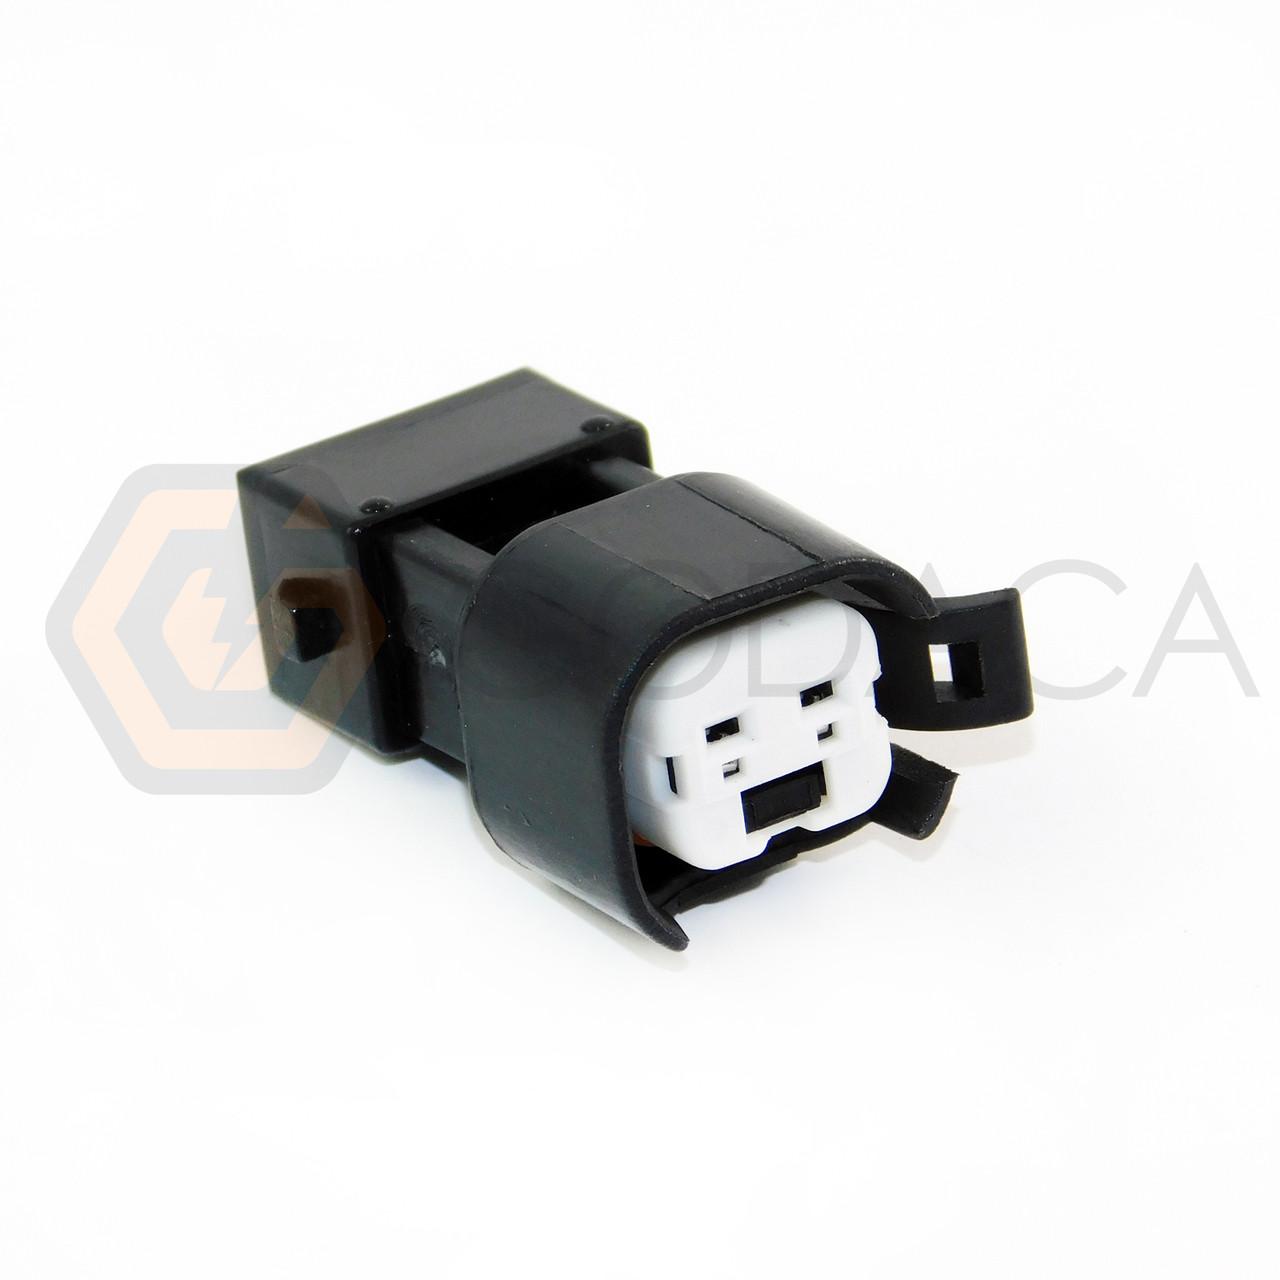 hight resolution of 1x connector injector adapters ev1 ev6 ls1 ls6 lt1 ls2 ls3 ls7 plug and play godaca llc